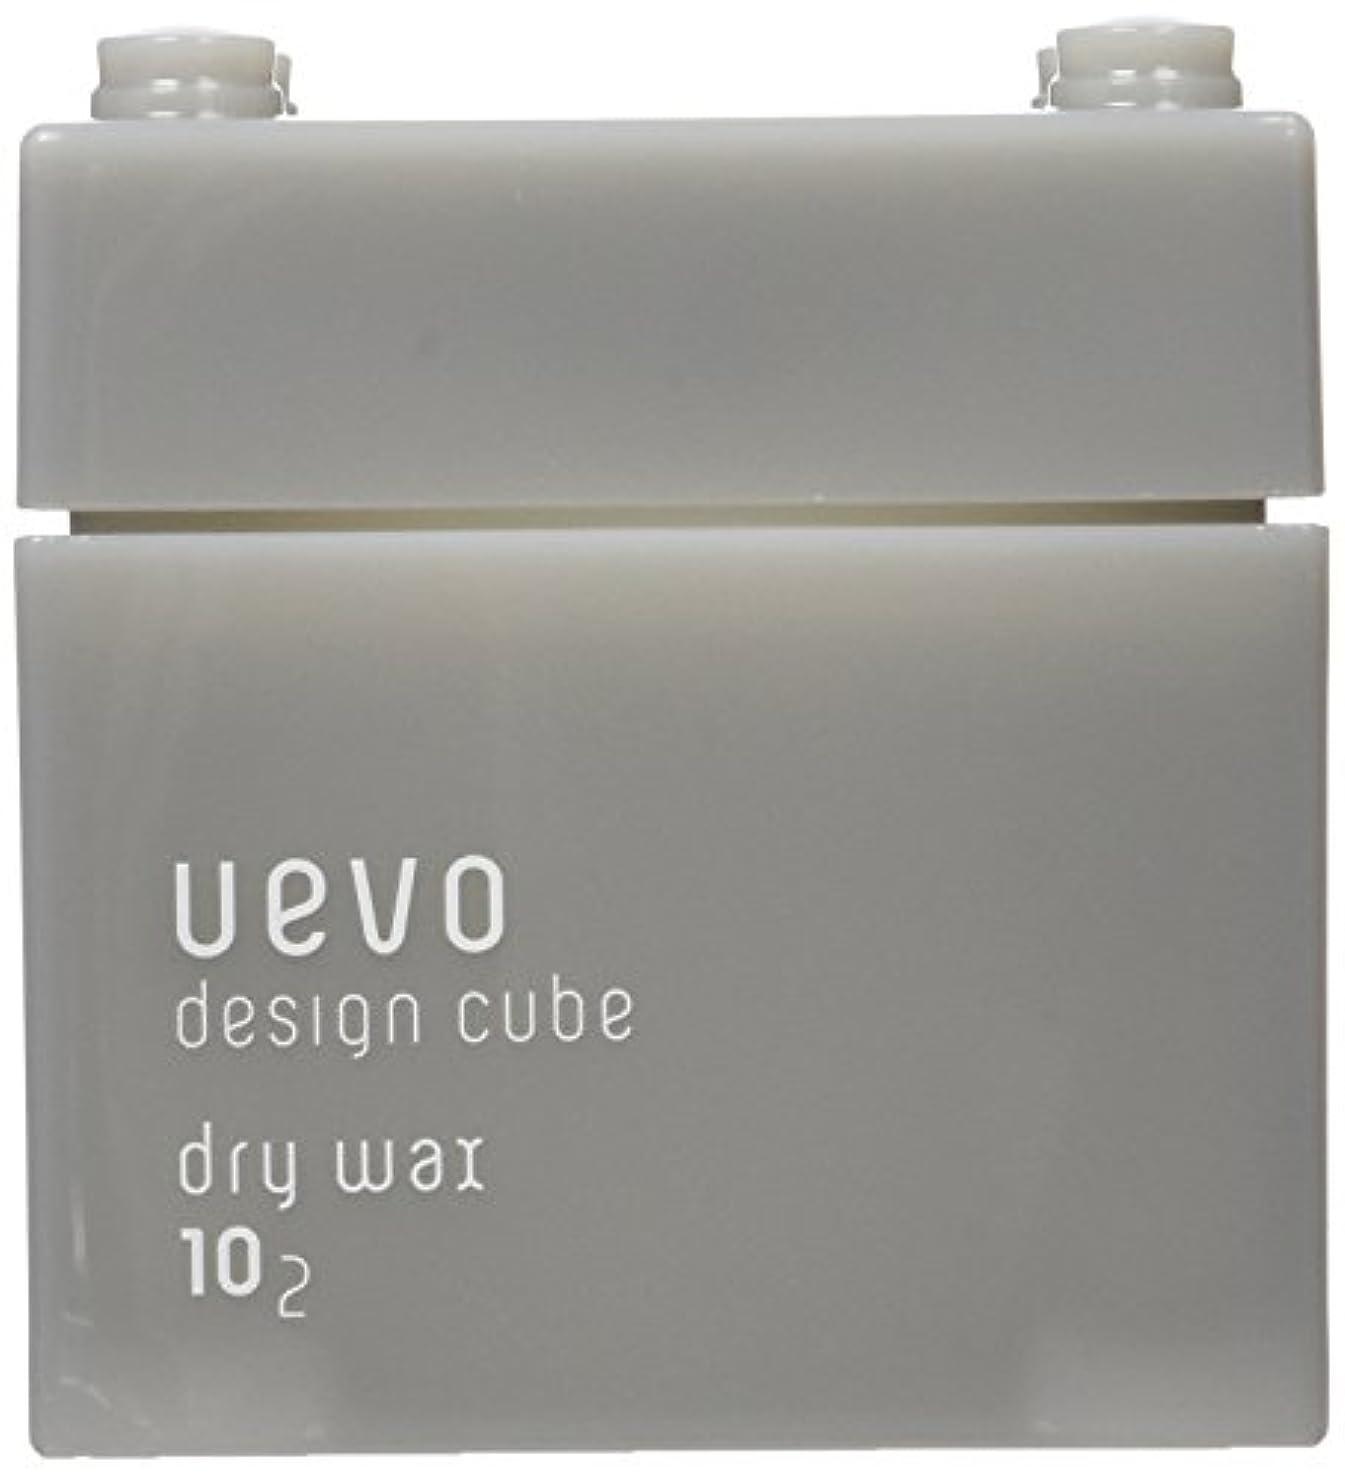 アレルギー性陰気温室ウェーボ デザインキューブ ドライワックス 80g